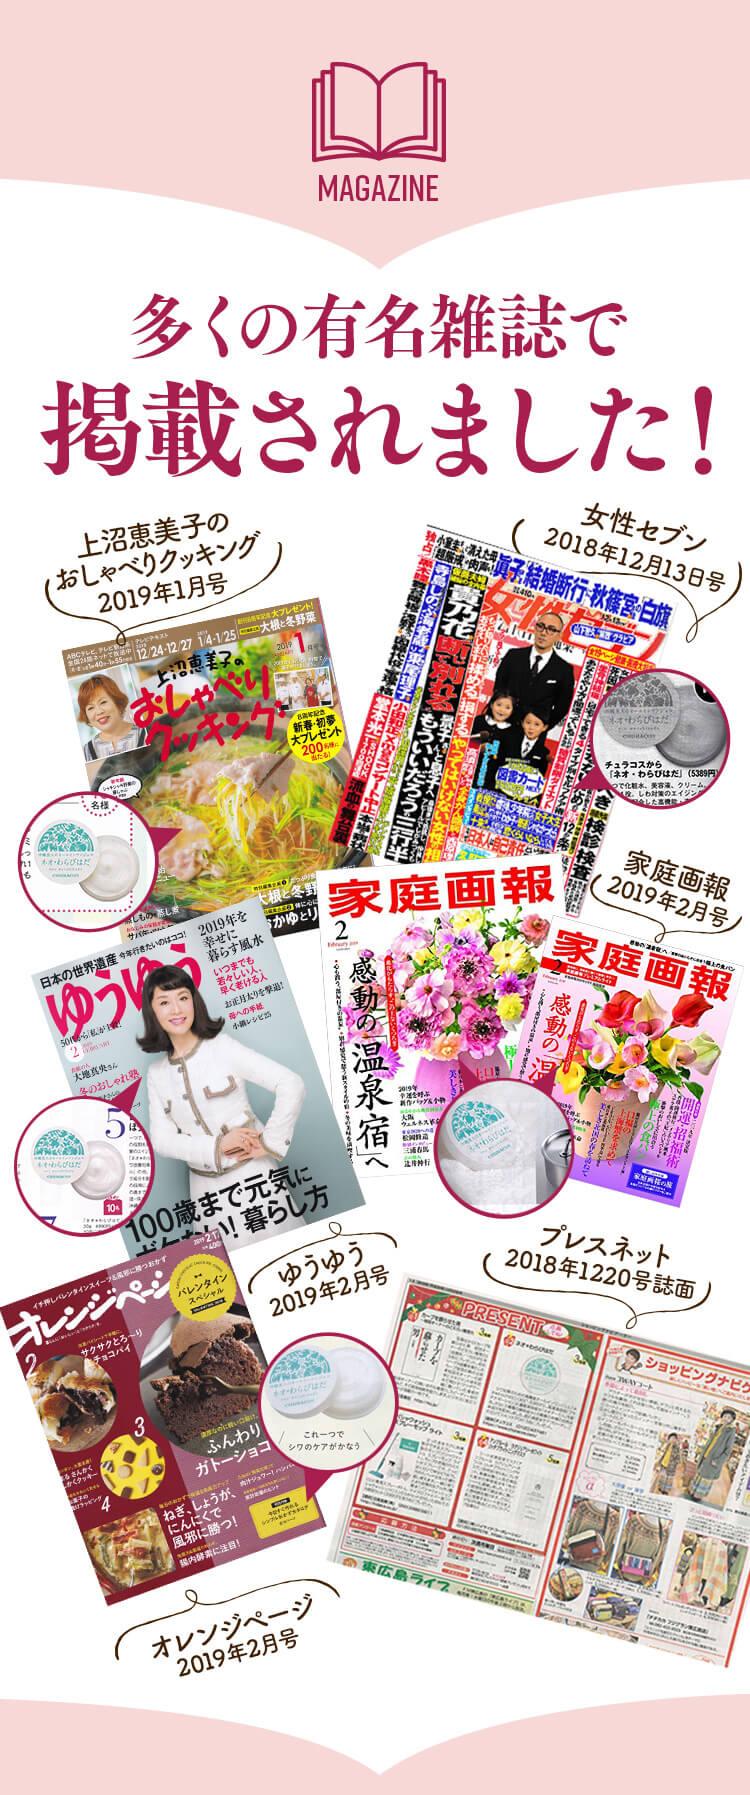 ネオ*わらびはだ 多くの有名雑誌で掲載されました!